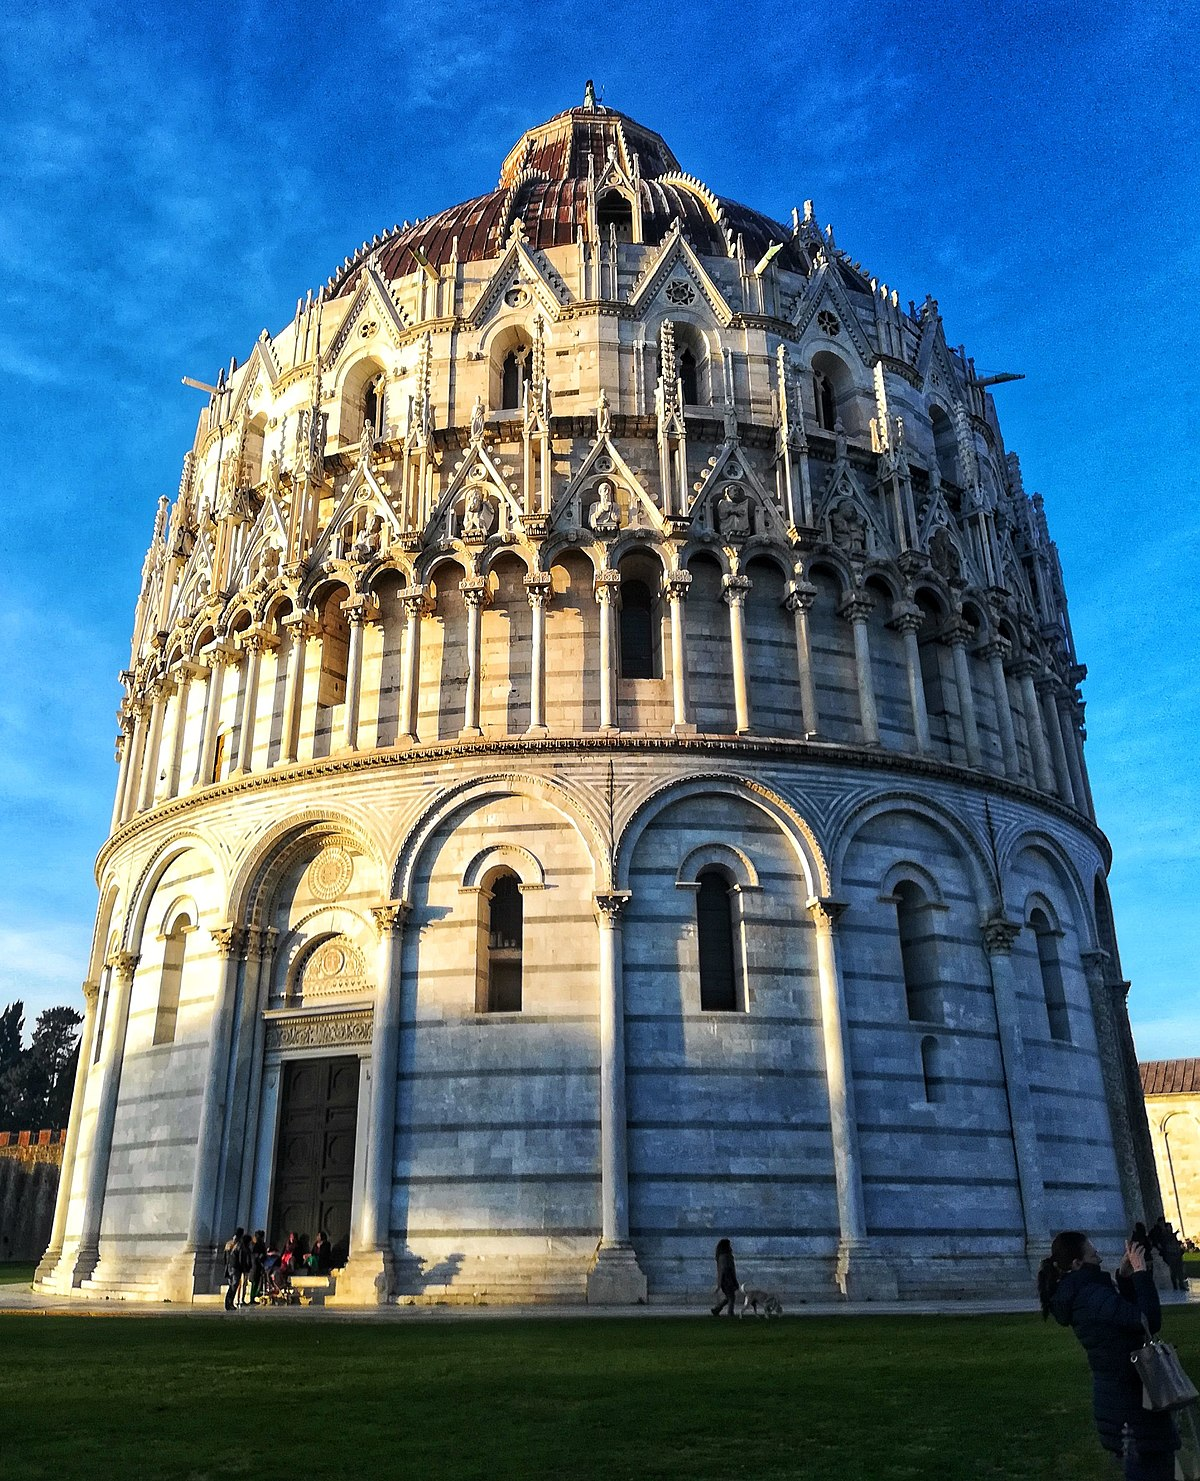 File:Pisa, il Battistero.jpg - Wikimedia Commons